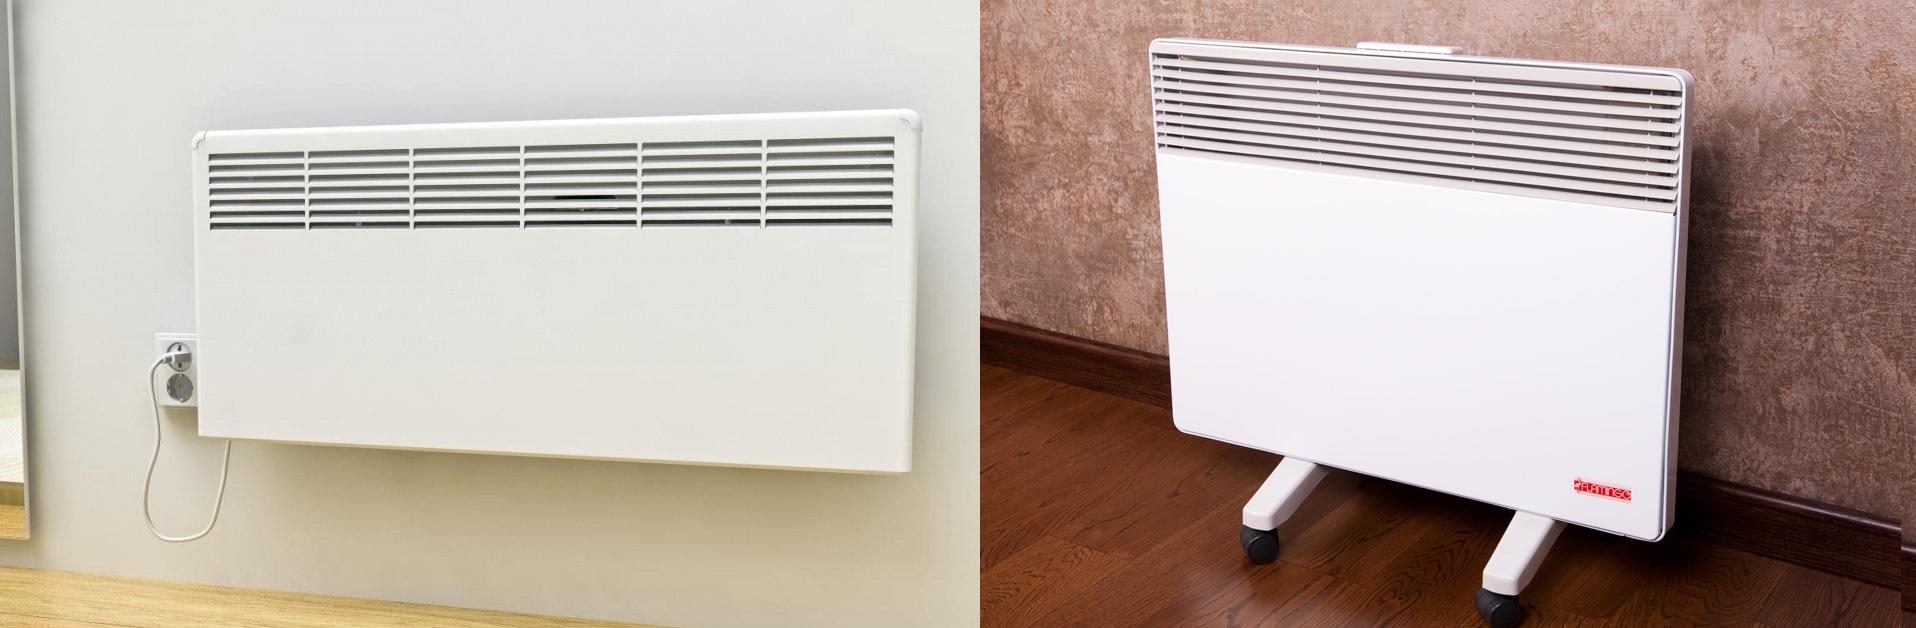 Электрические конвекторы могут иметь разное исполнениеФОТО: climateone.ru